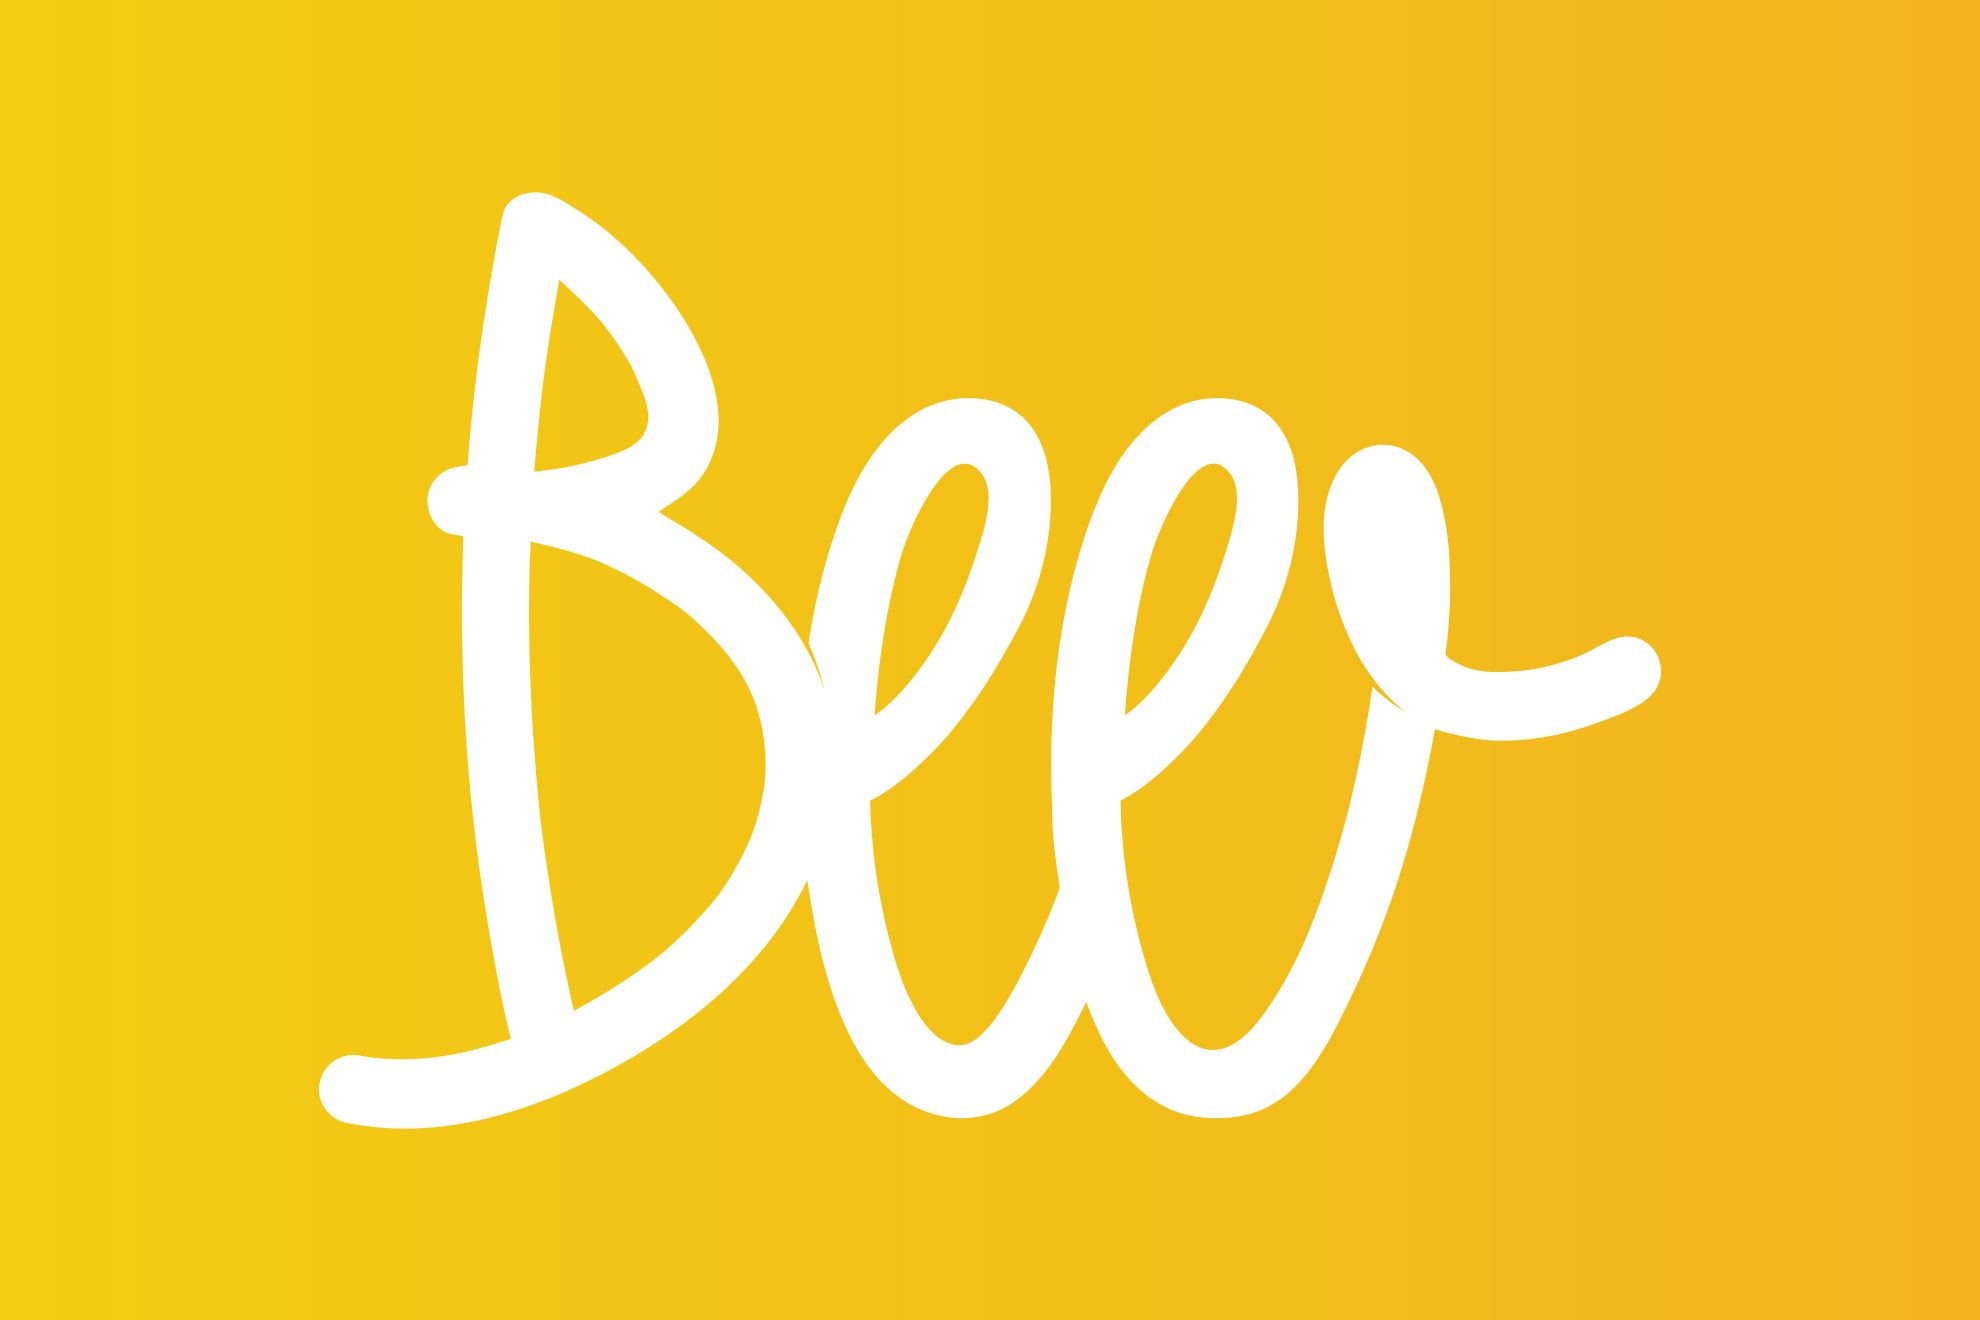 bee_logo_giallo